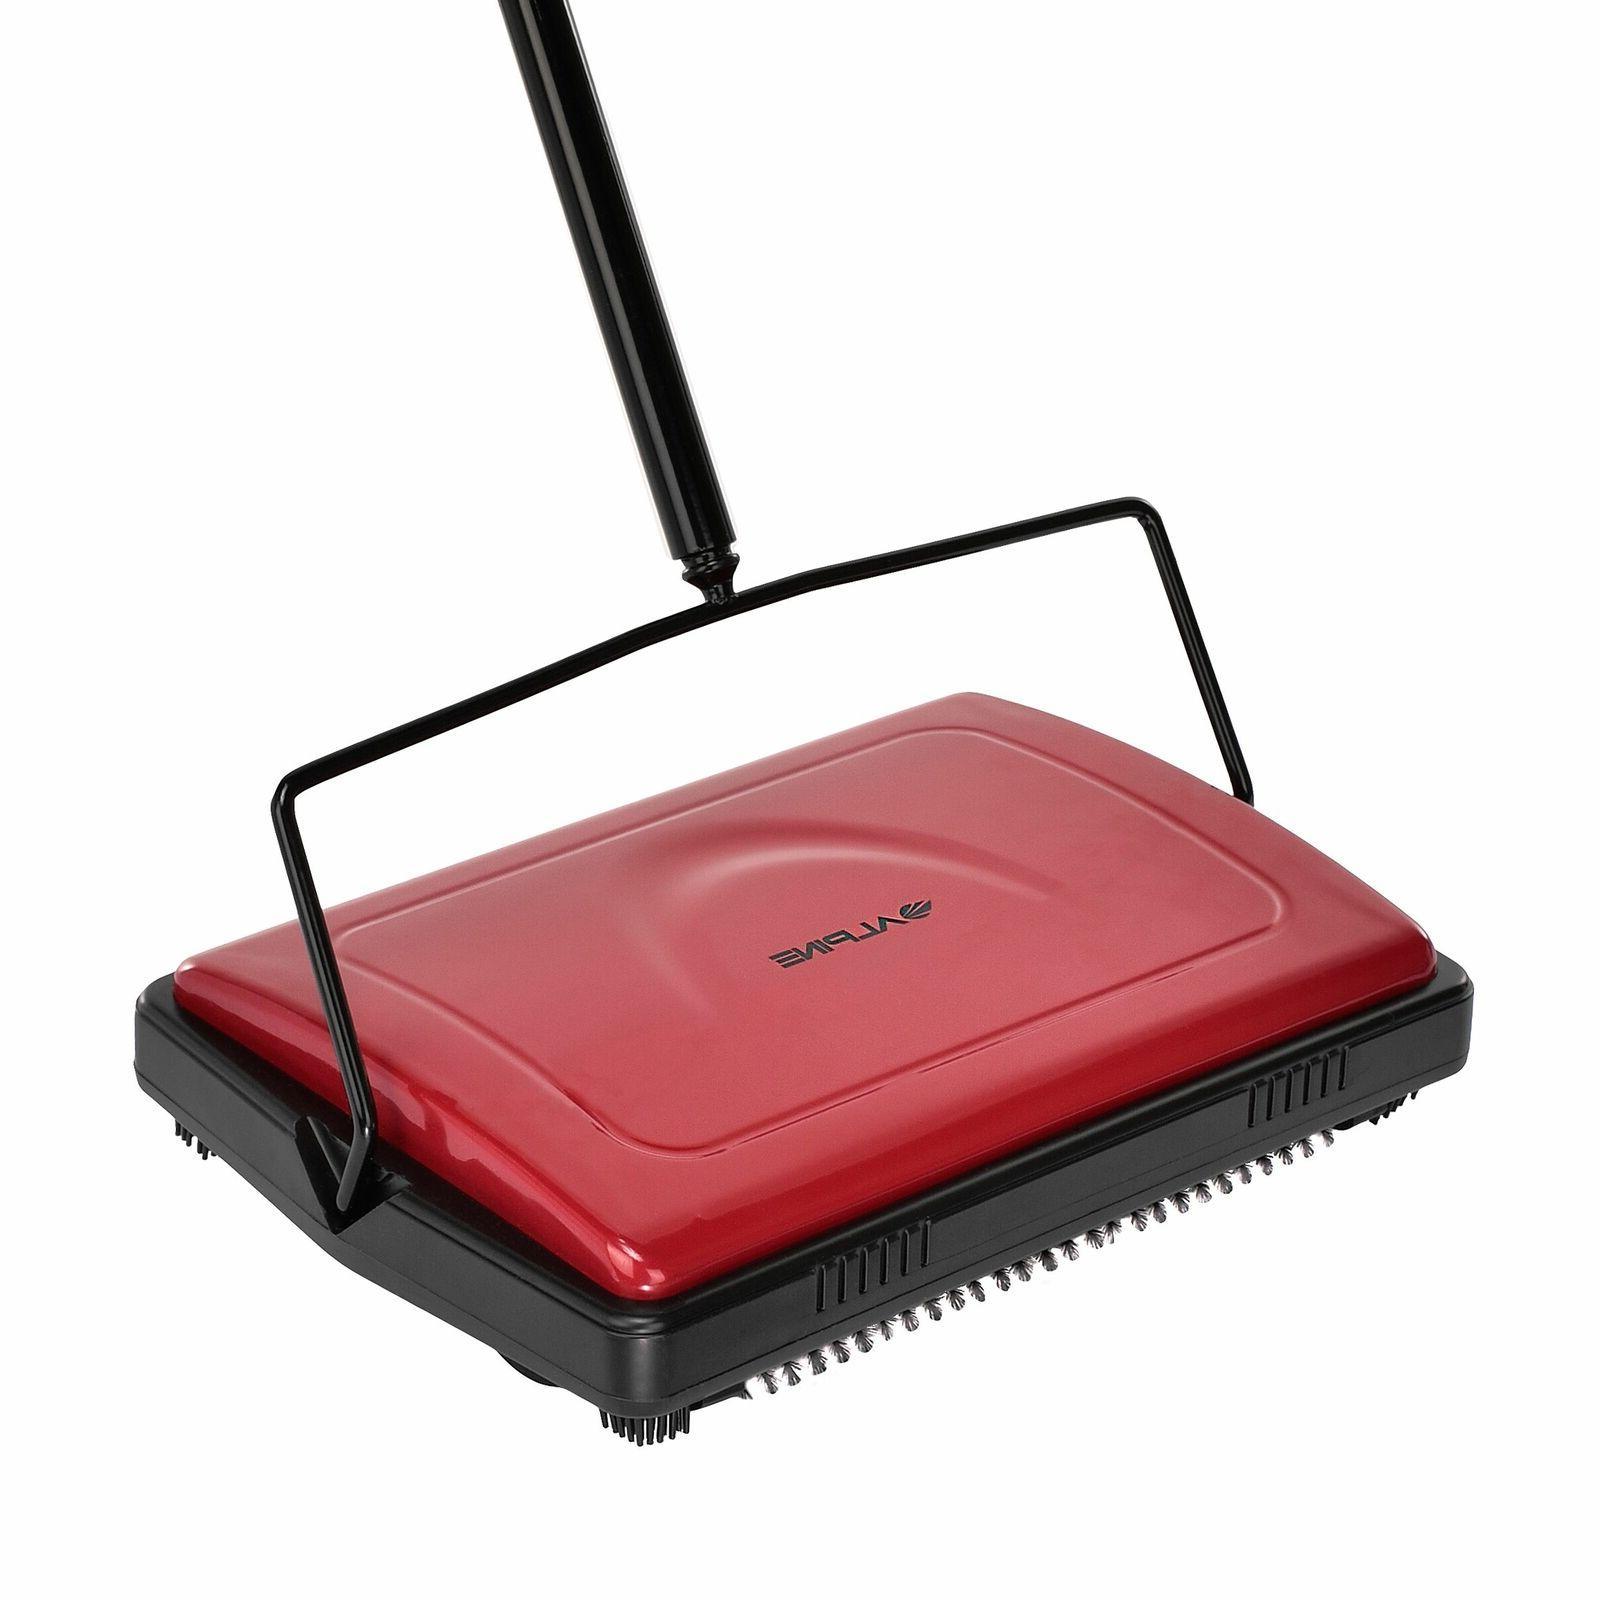 red triple brush manual house broom floor